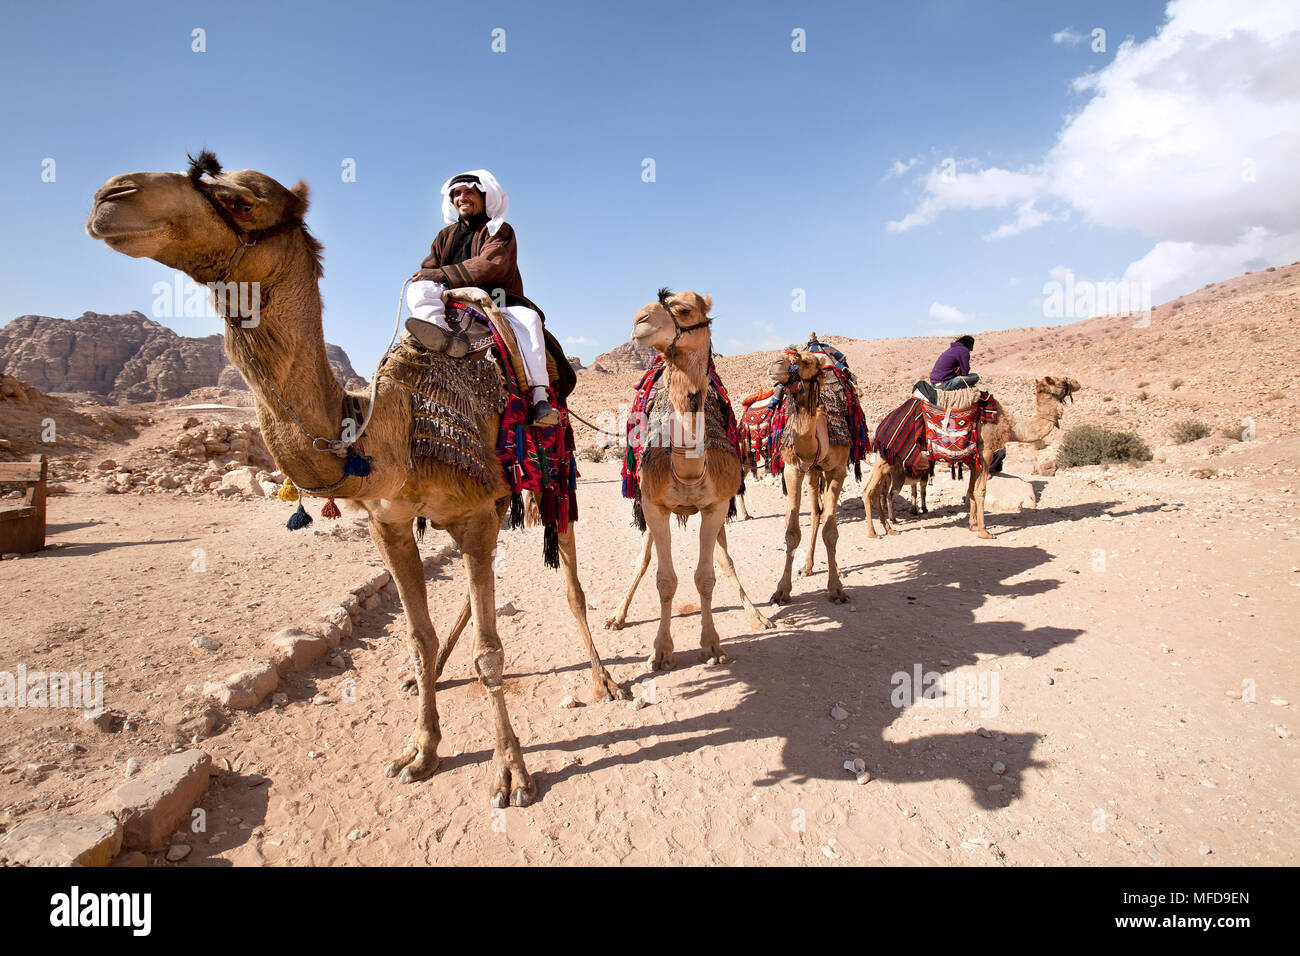 Portrait d'un Bédouin riche avec ses chameaux dans un désert Photo Stock